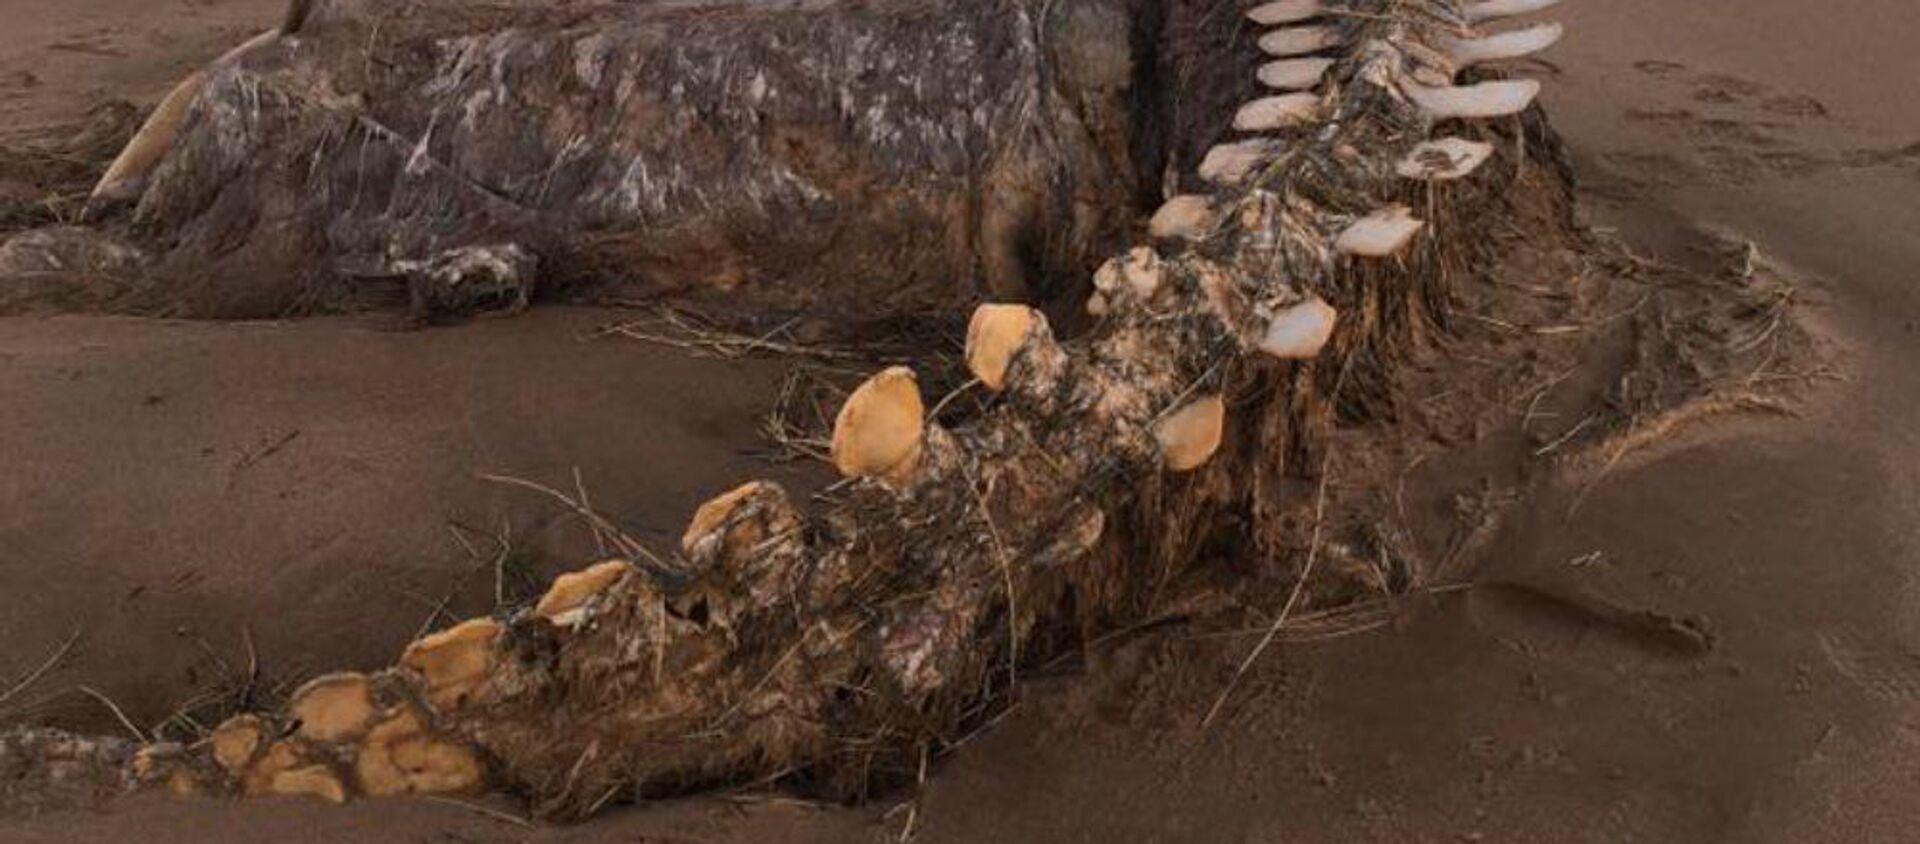 Τεράστιο κουφάρι ξεβράστηκε σε παραλία στην Σκωτία - Sputnik Ελλάδα, 1920, 12.02.2020